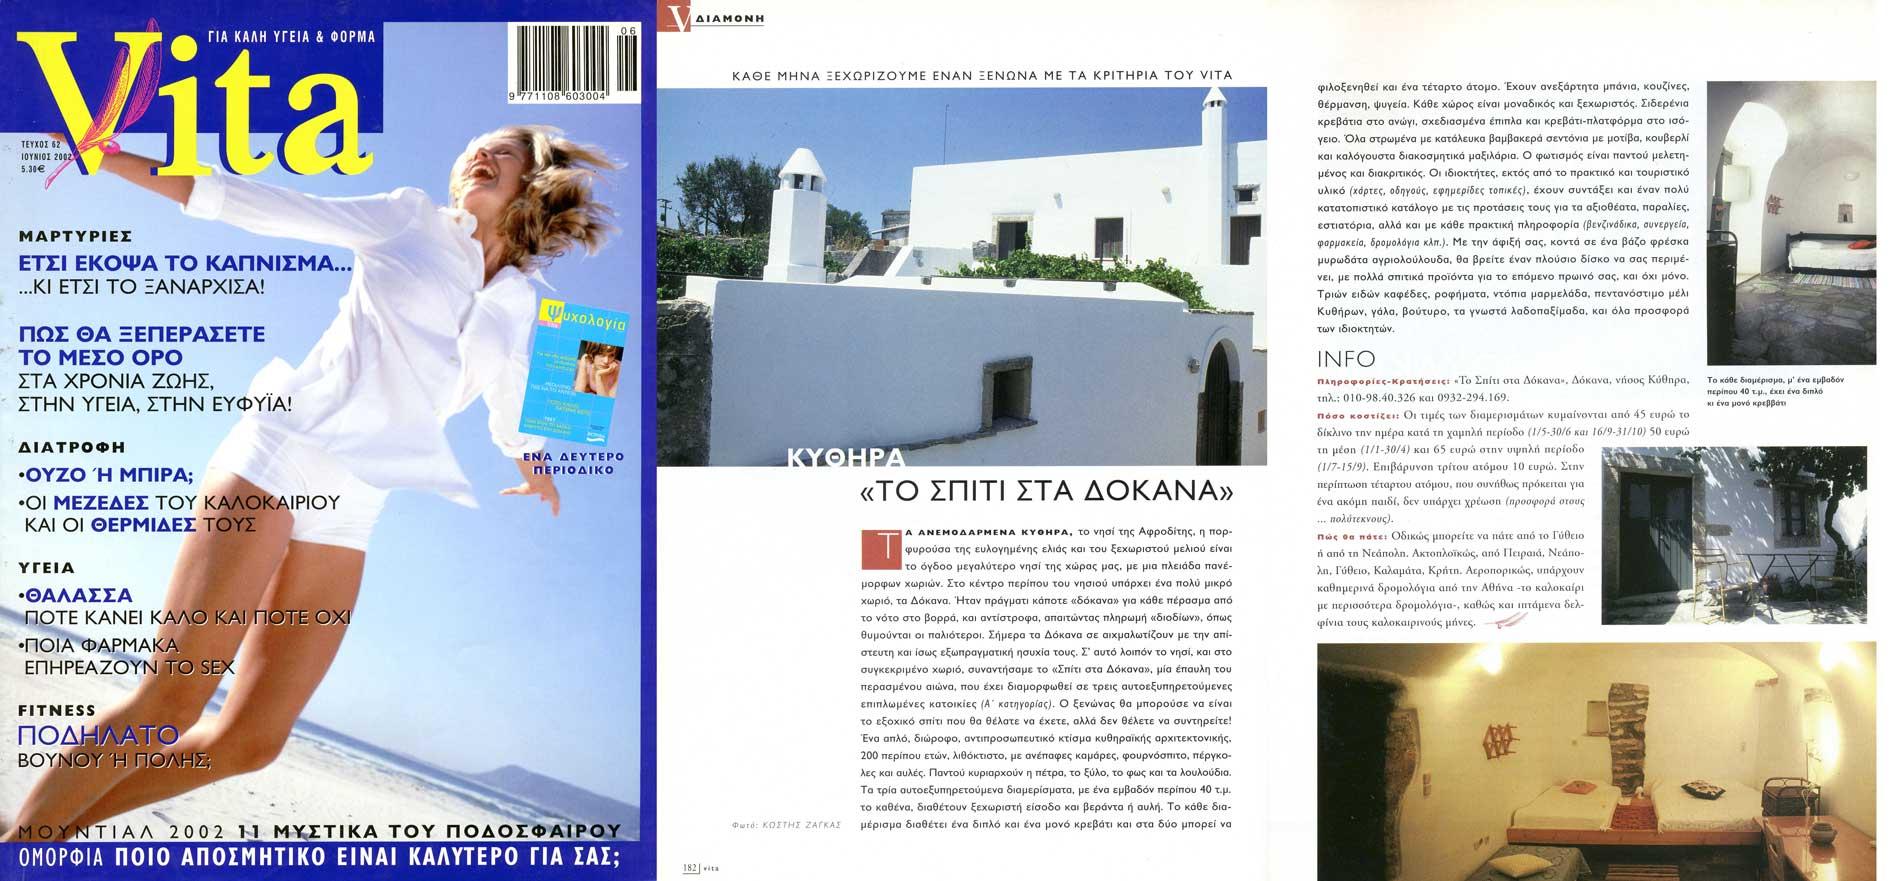 Dimosieusi-Vita-2002